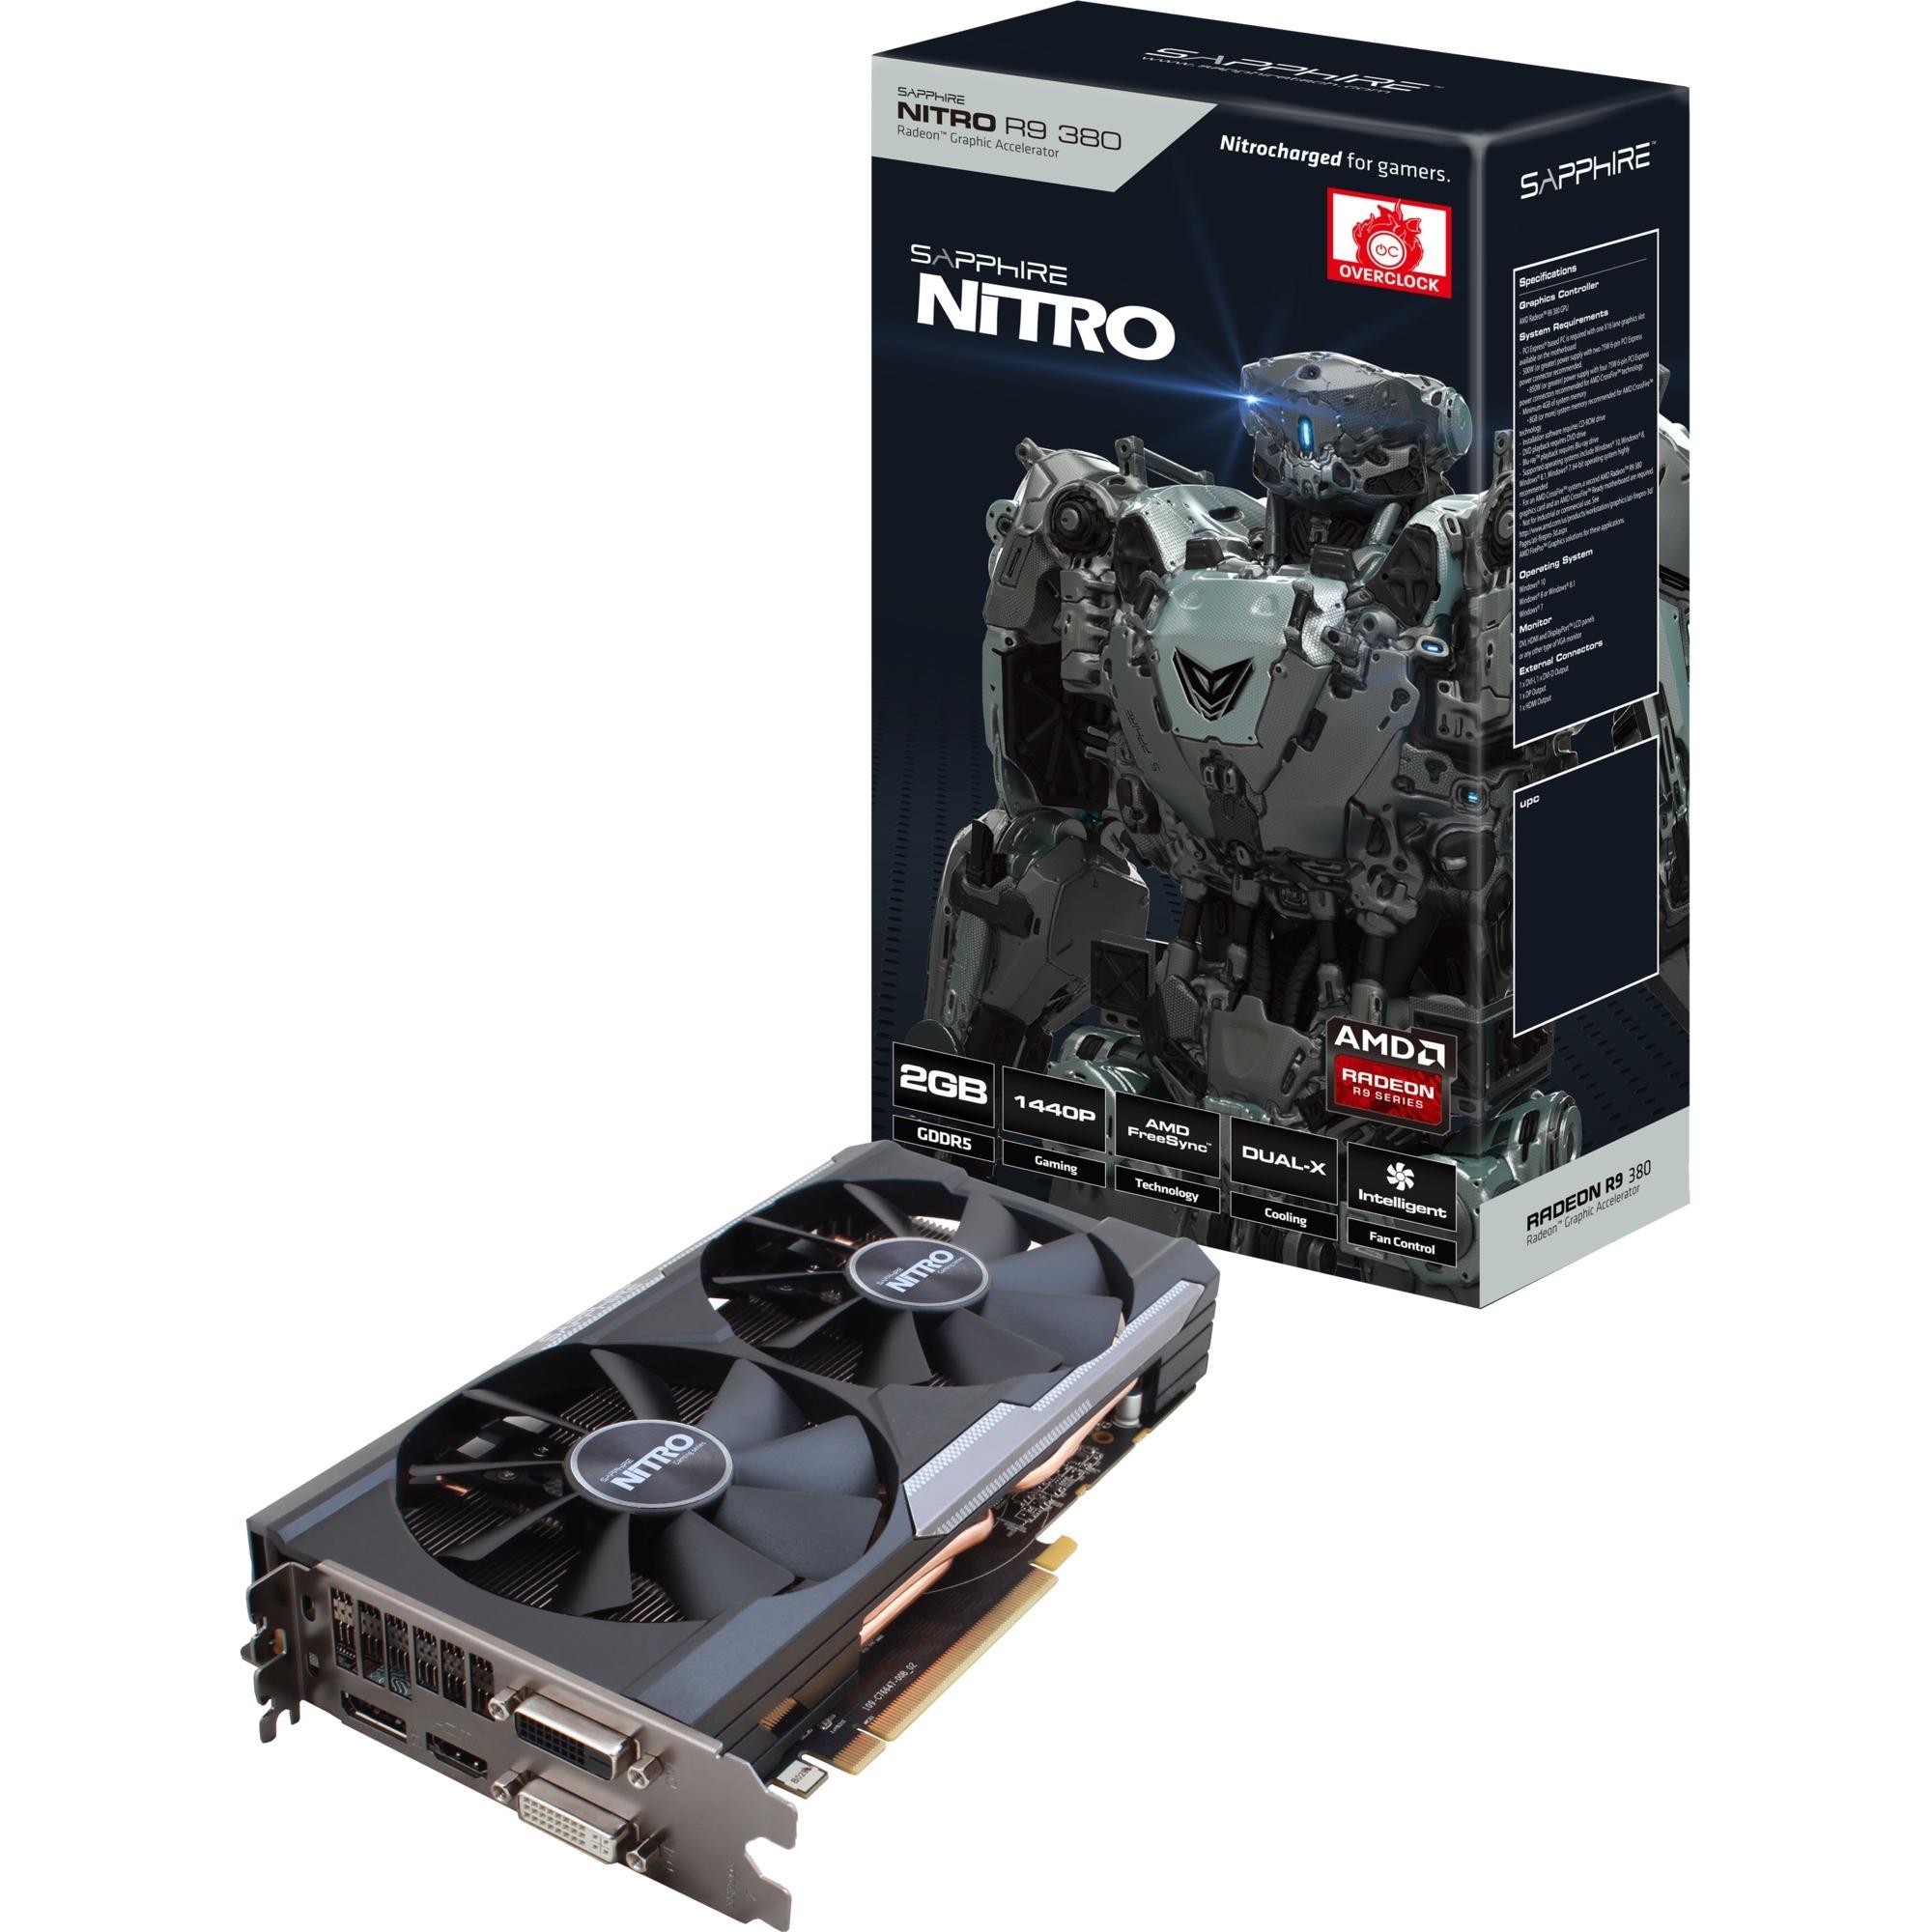 NITRO R9 380 2GB Radeon R9 380 2GB GDDR5, Tarjeta gráfica